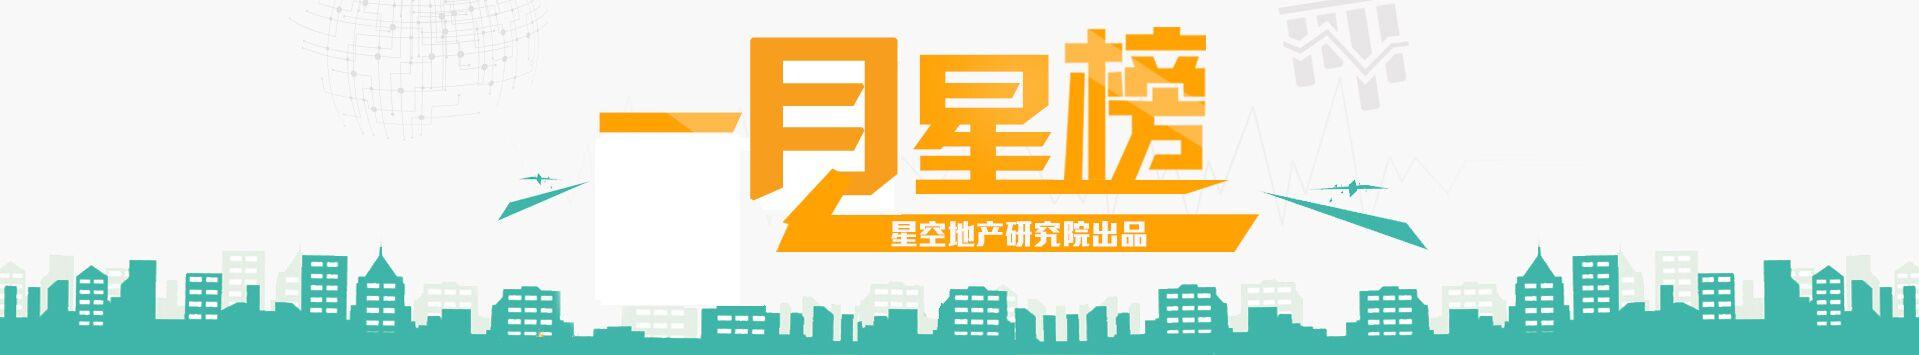 淮北6月楼市火爆 商品房成交1026套